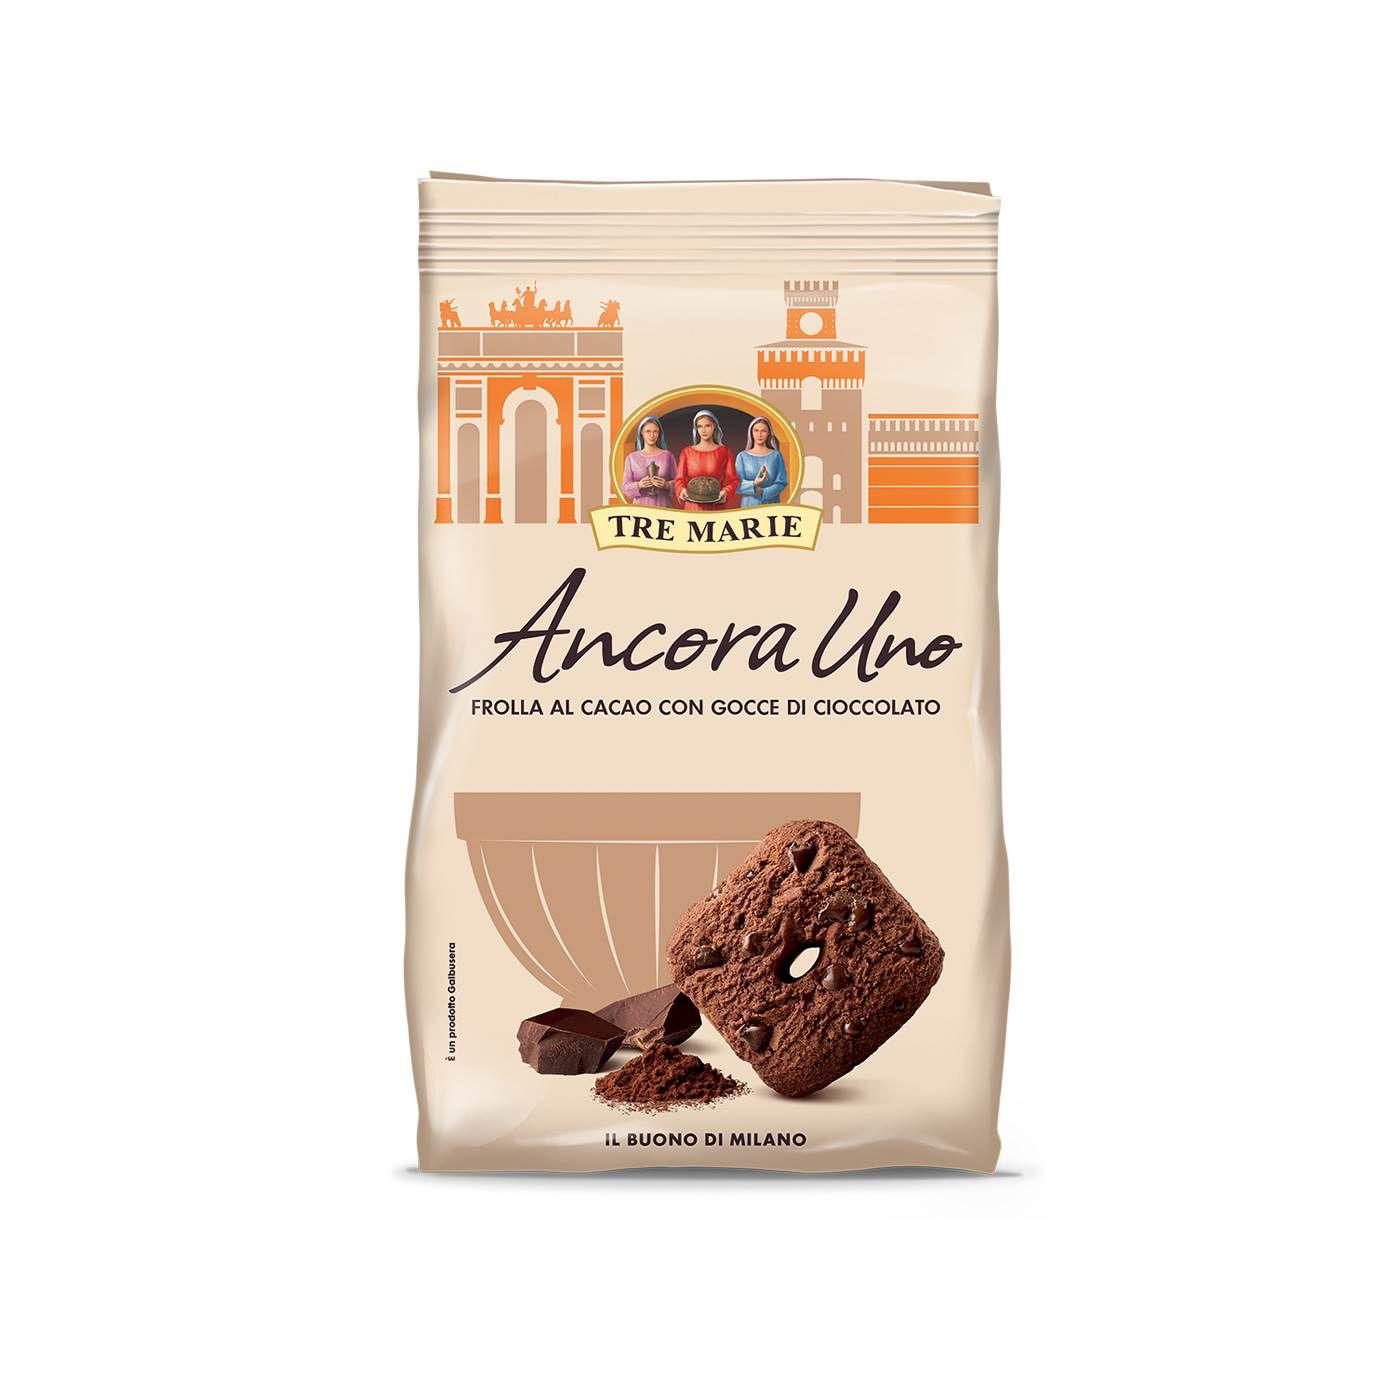 Biscoito Frolla AL Cacao Gocce Ancora Uno 300gr